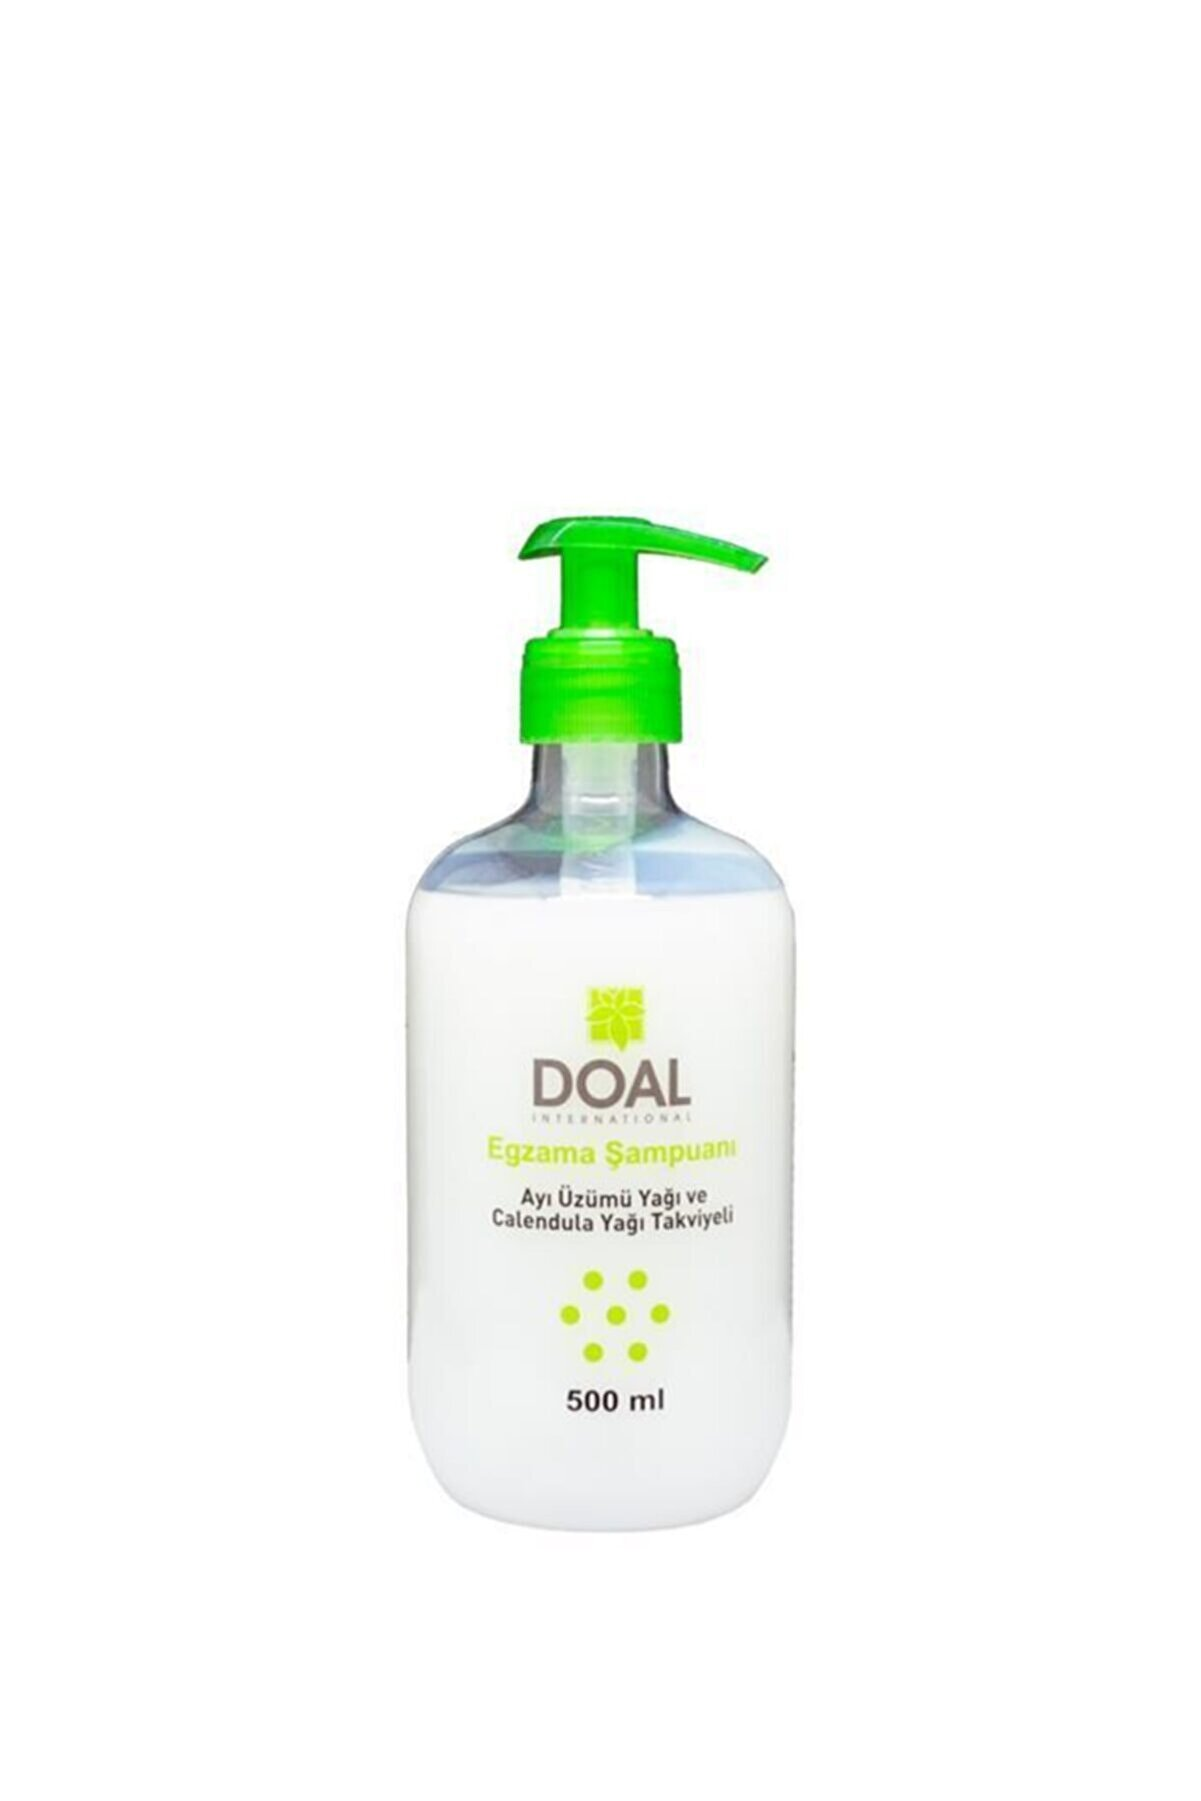 DOAL Egzama Şampuanı 500 ml